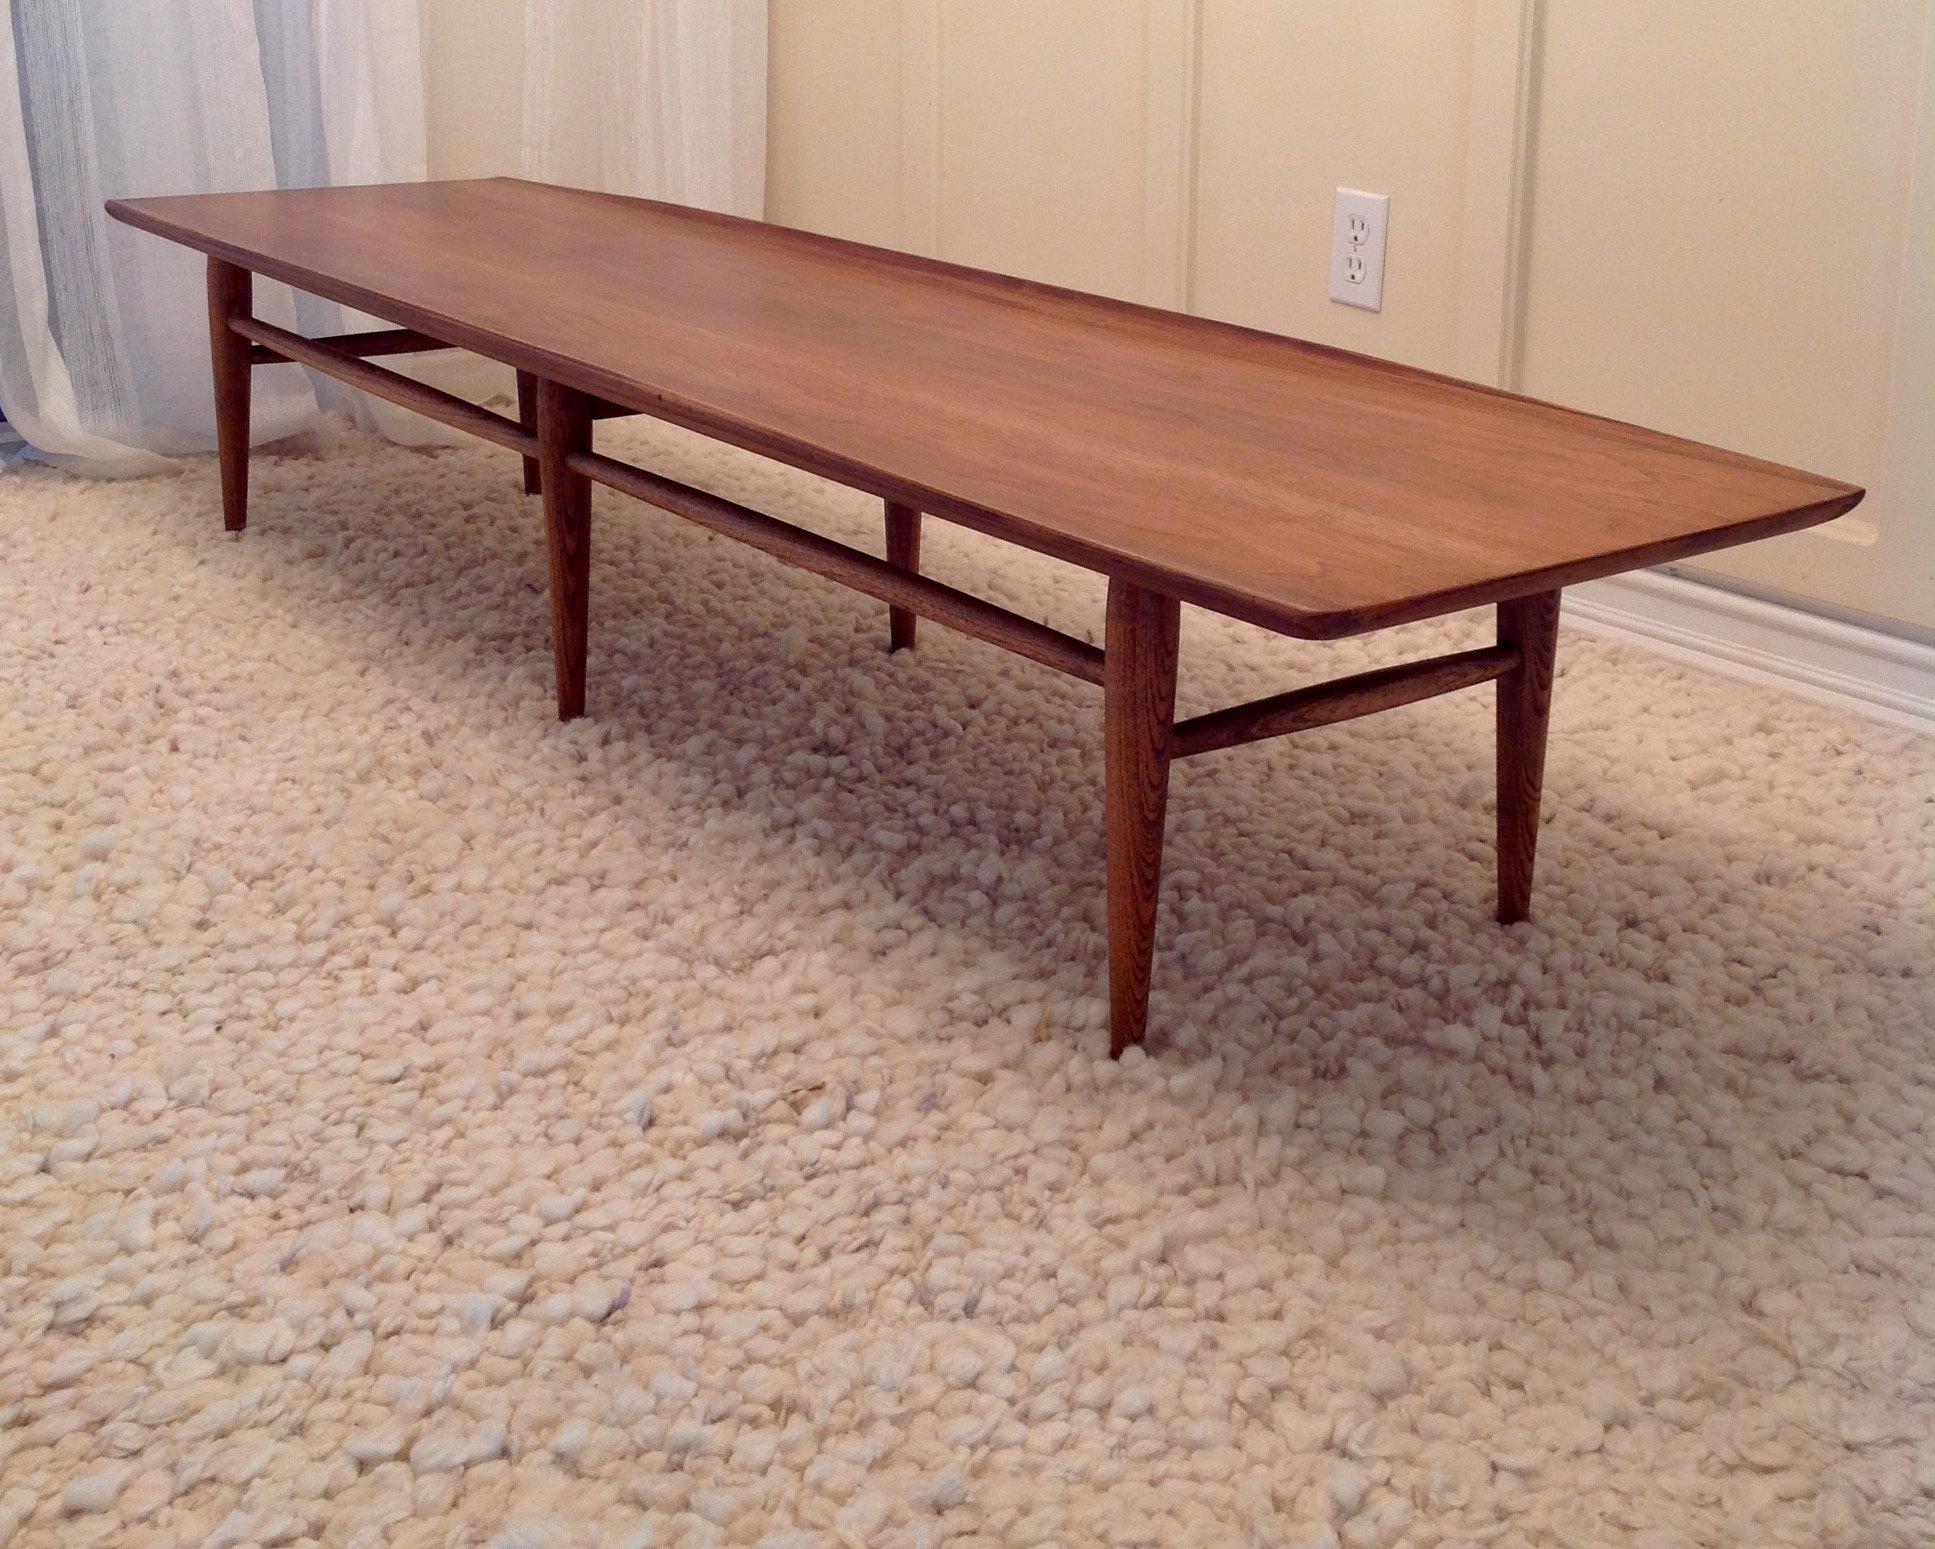 A Mid Century Modern Walnut Surfboard Coffee Table By Bassett